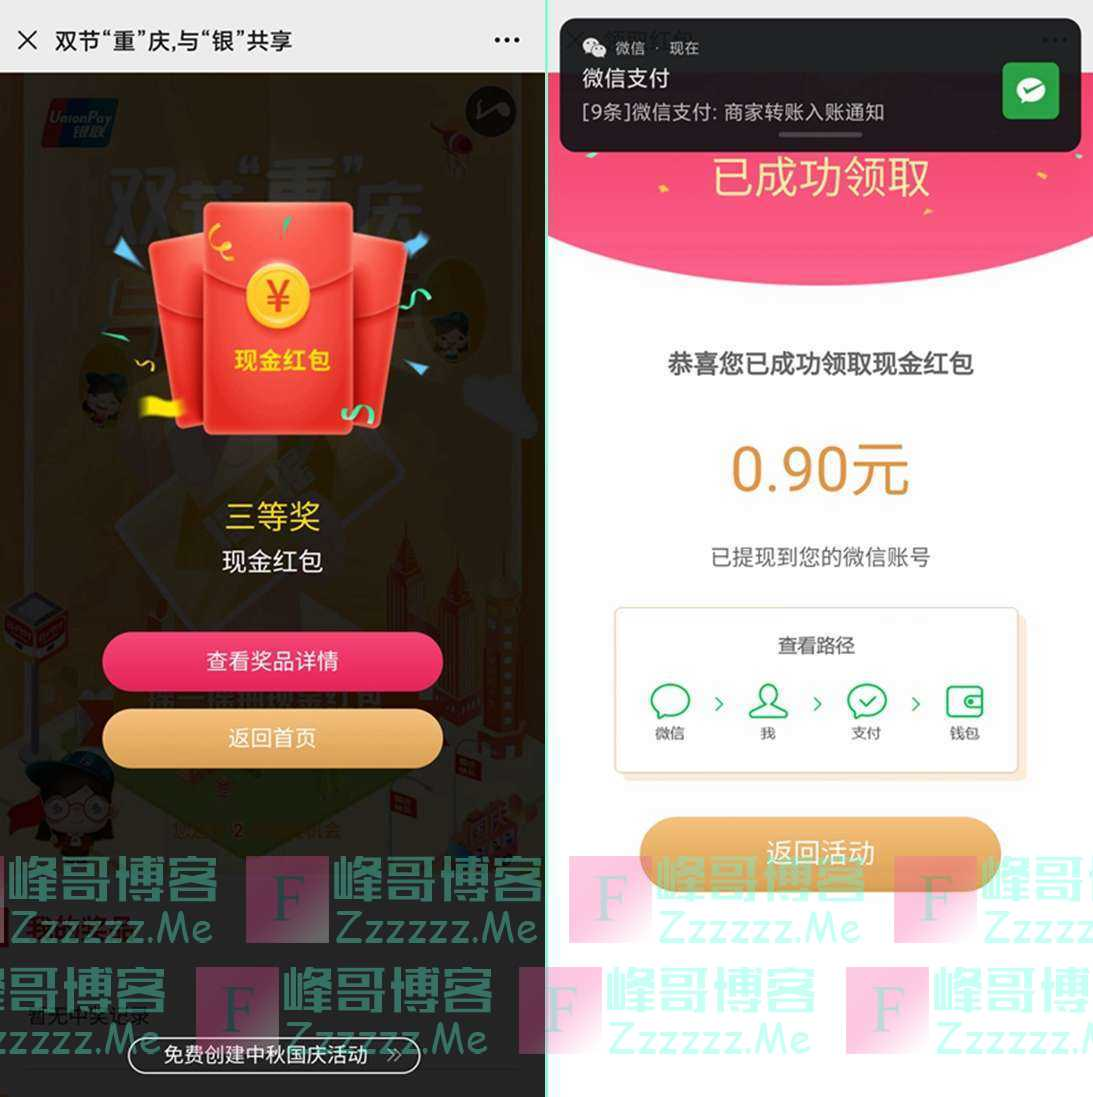 重庆银联双节活动抽随机0.5~2元微信现金红包